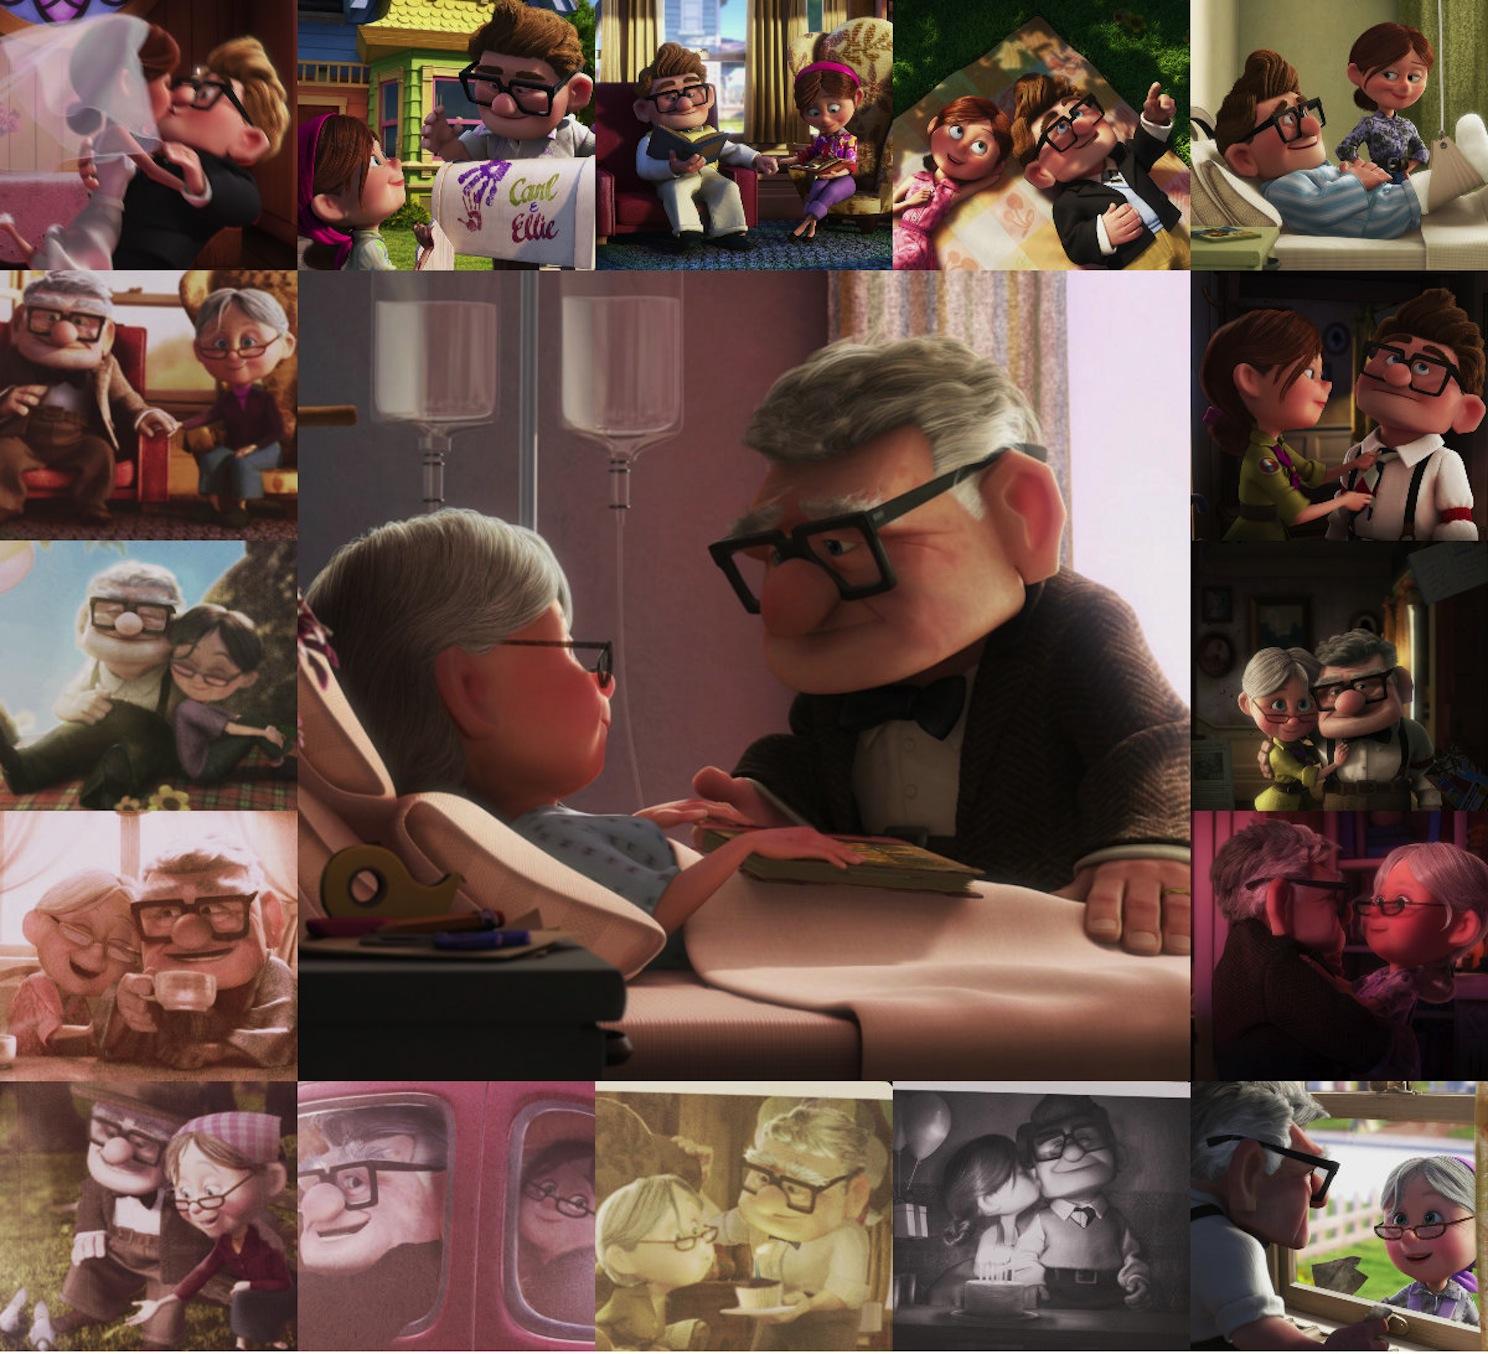 Disney•Pixar Images - Carl & Ellie